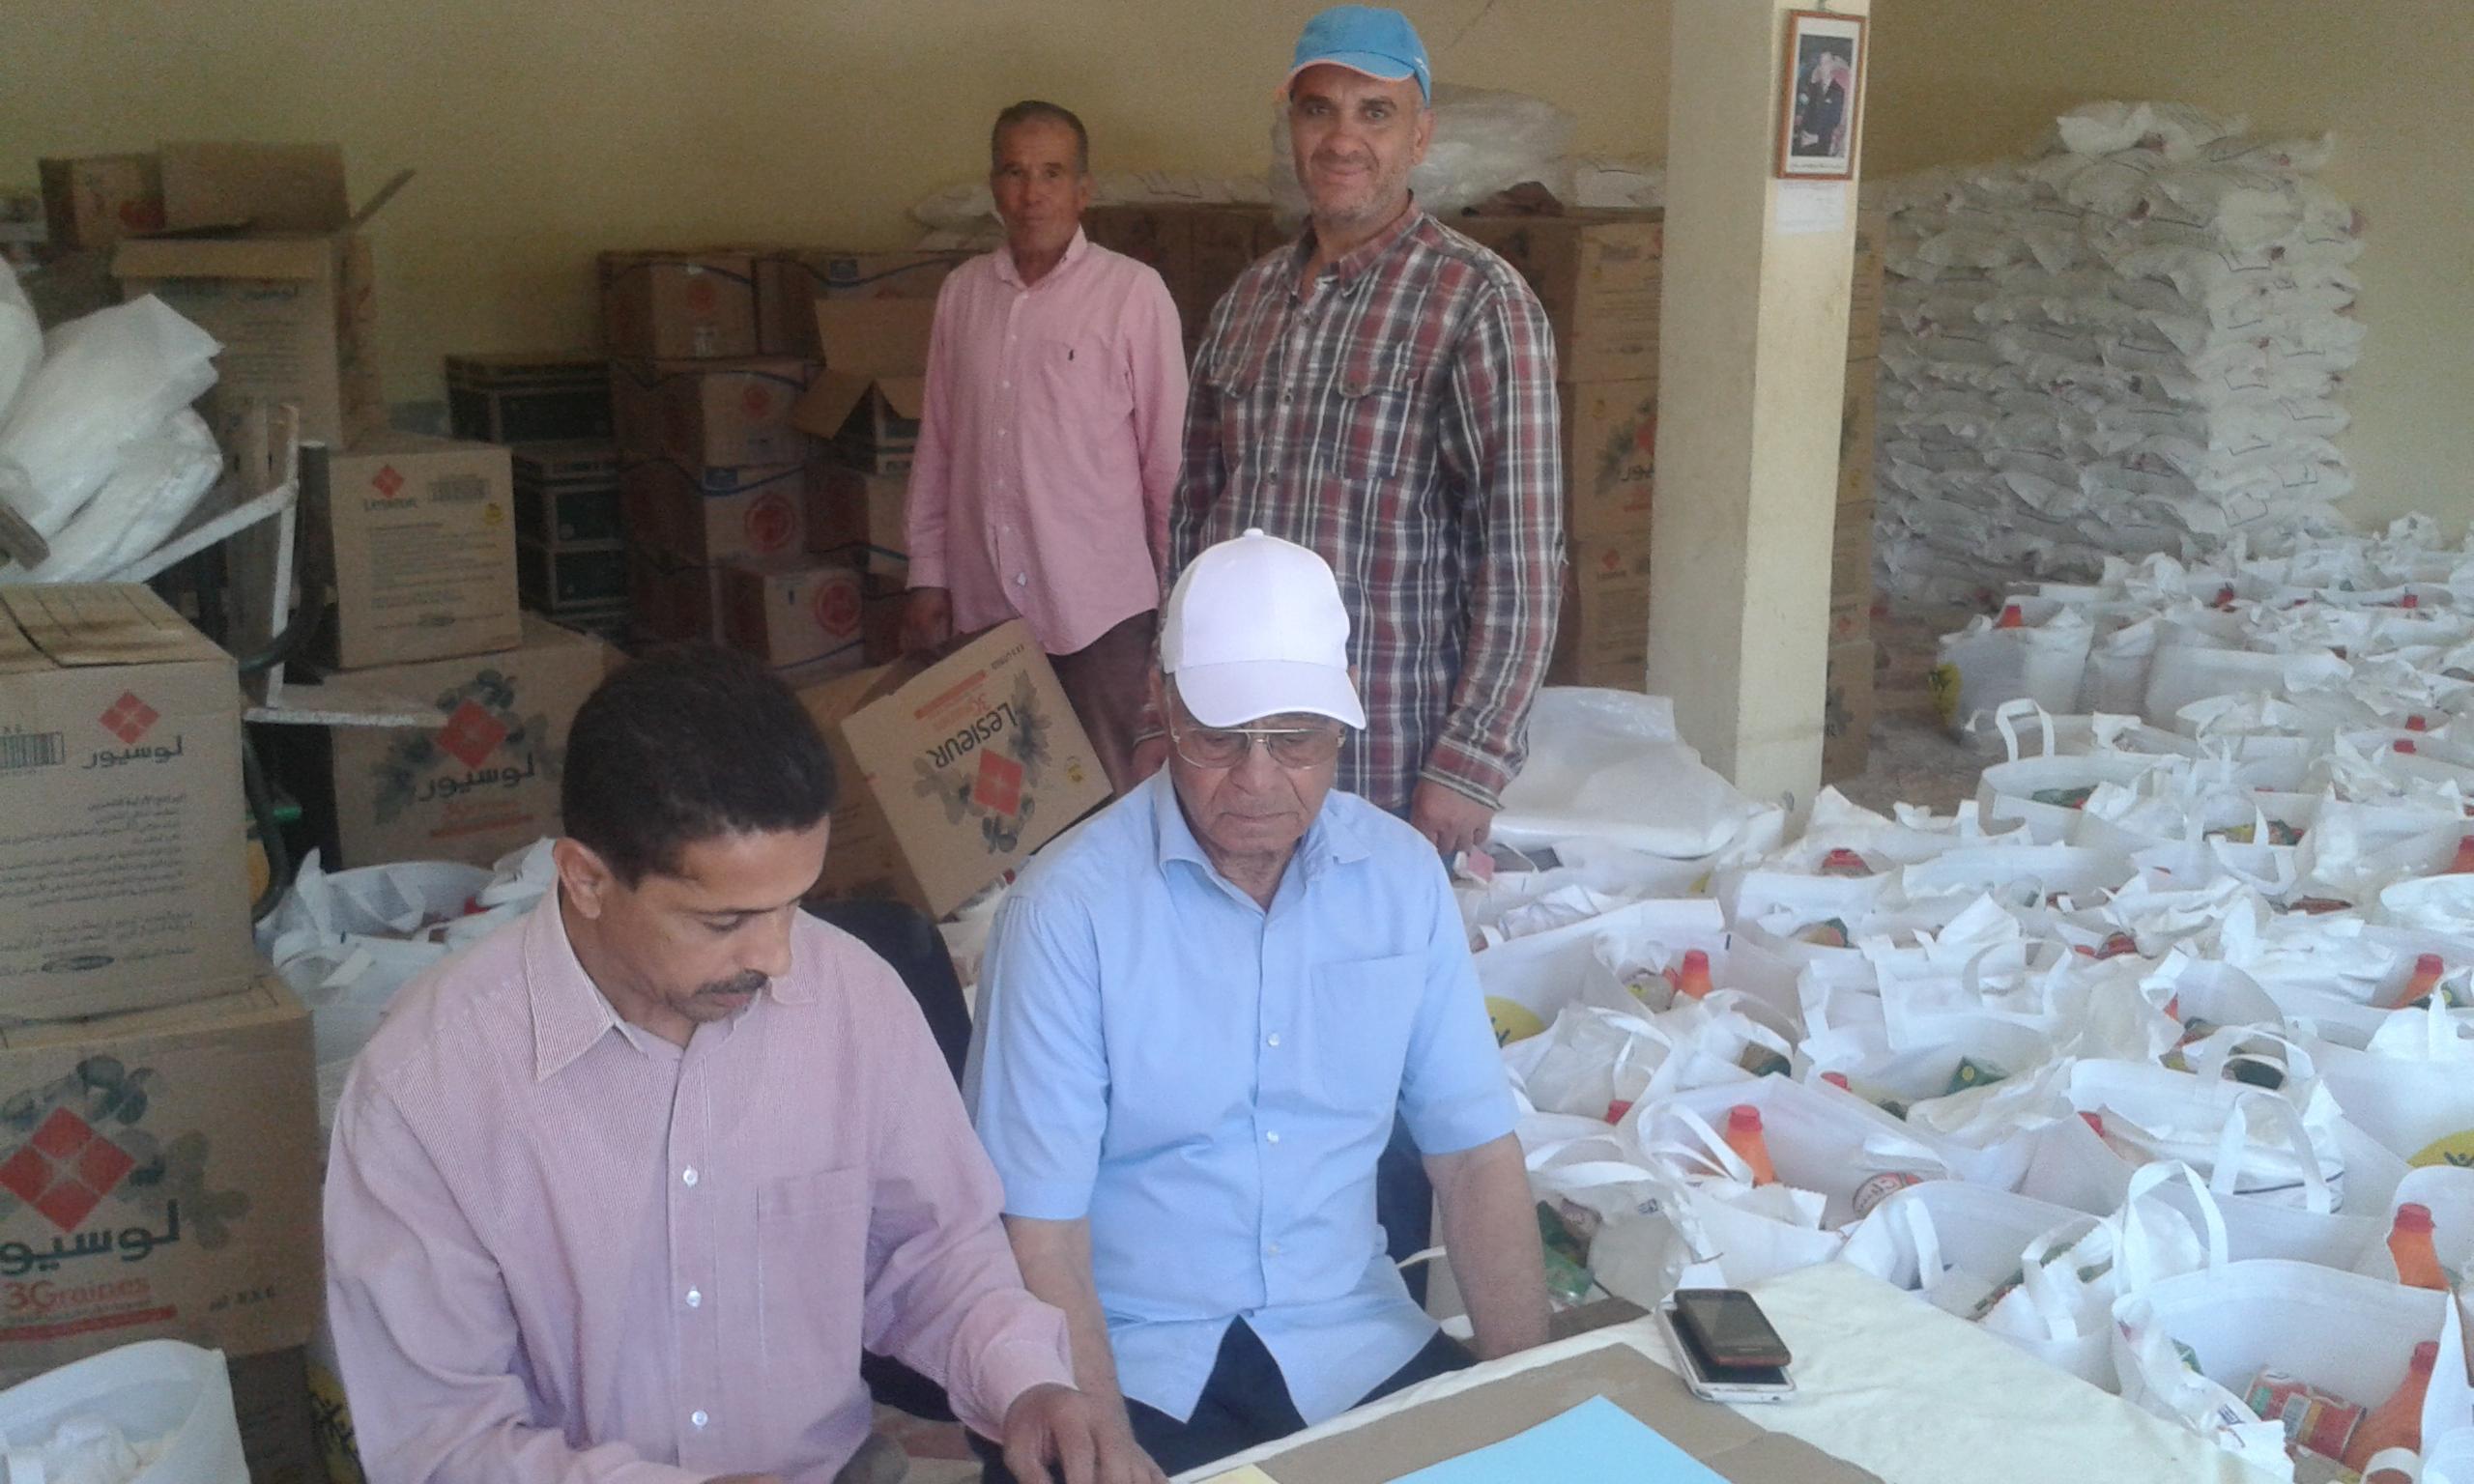 +صور: الأسر المعوزة ببني سيدال تستفيد من معونات مؤسسة محمد الخامس للتضامن